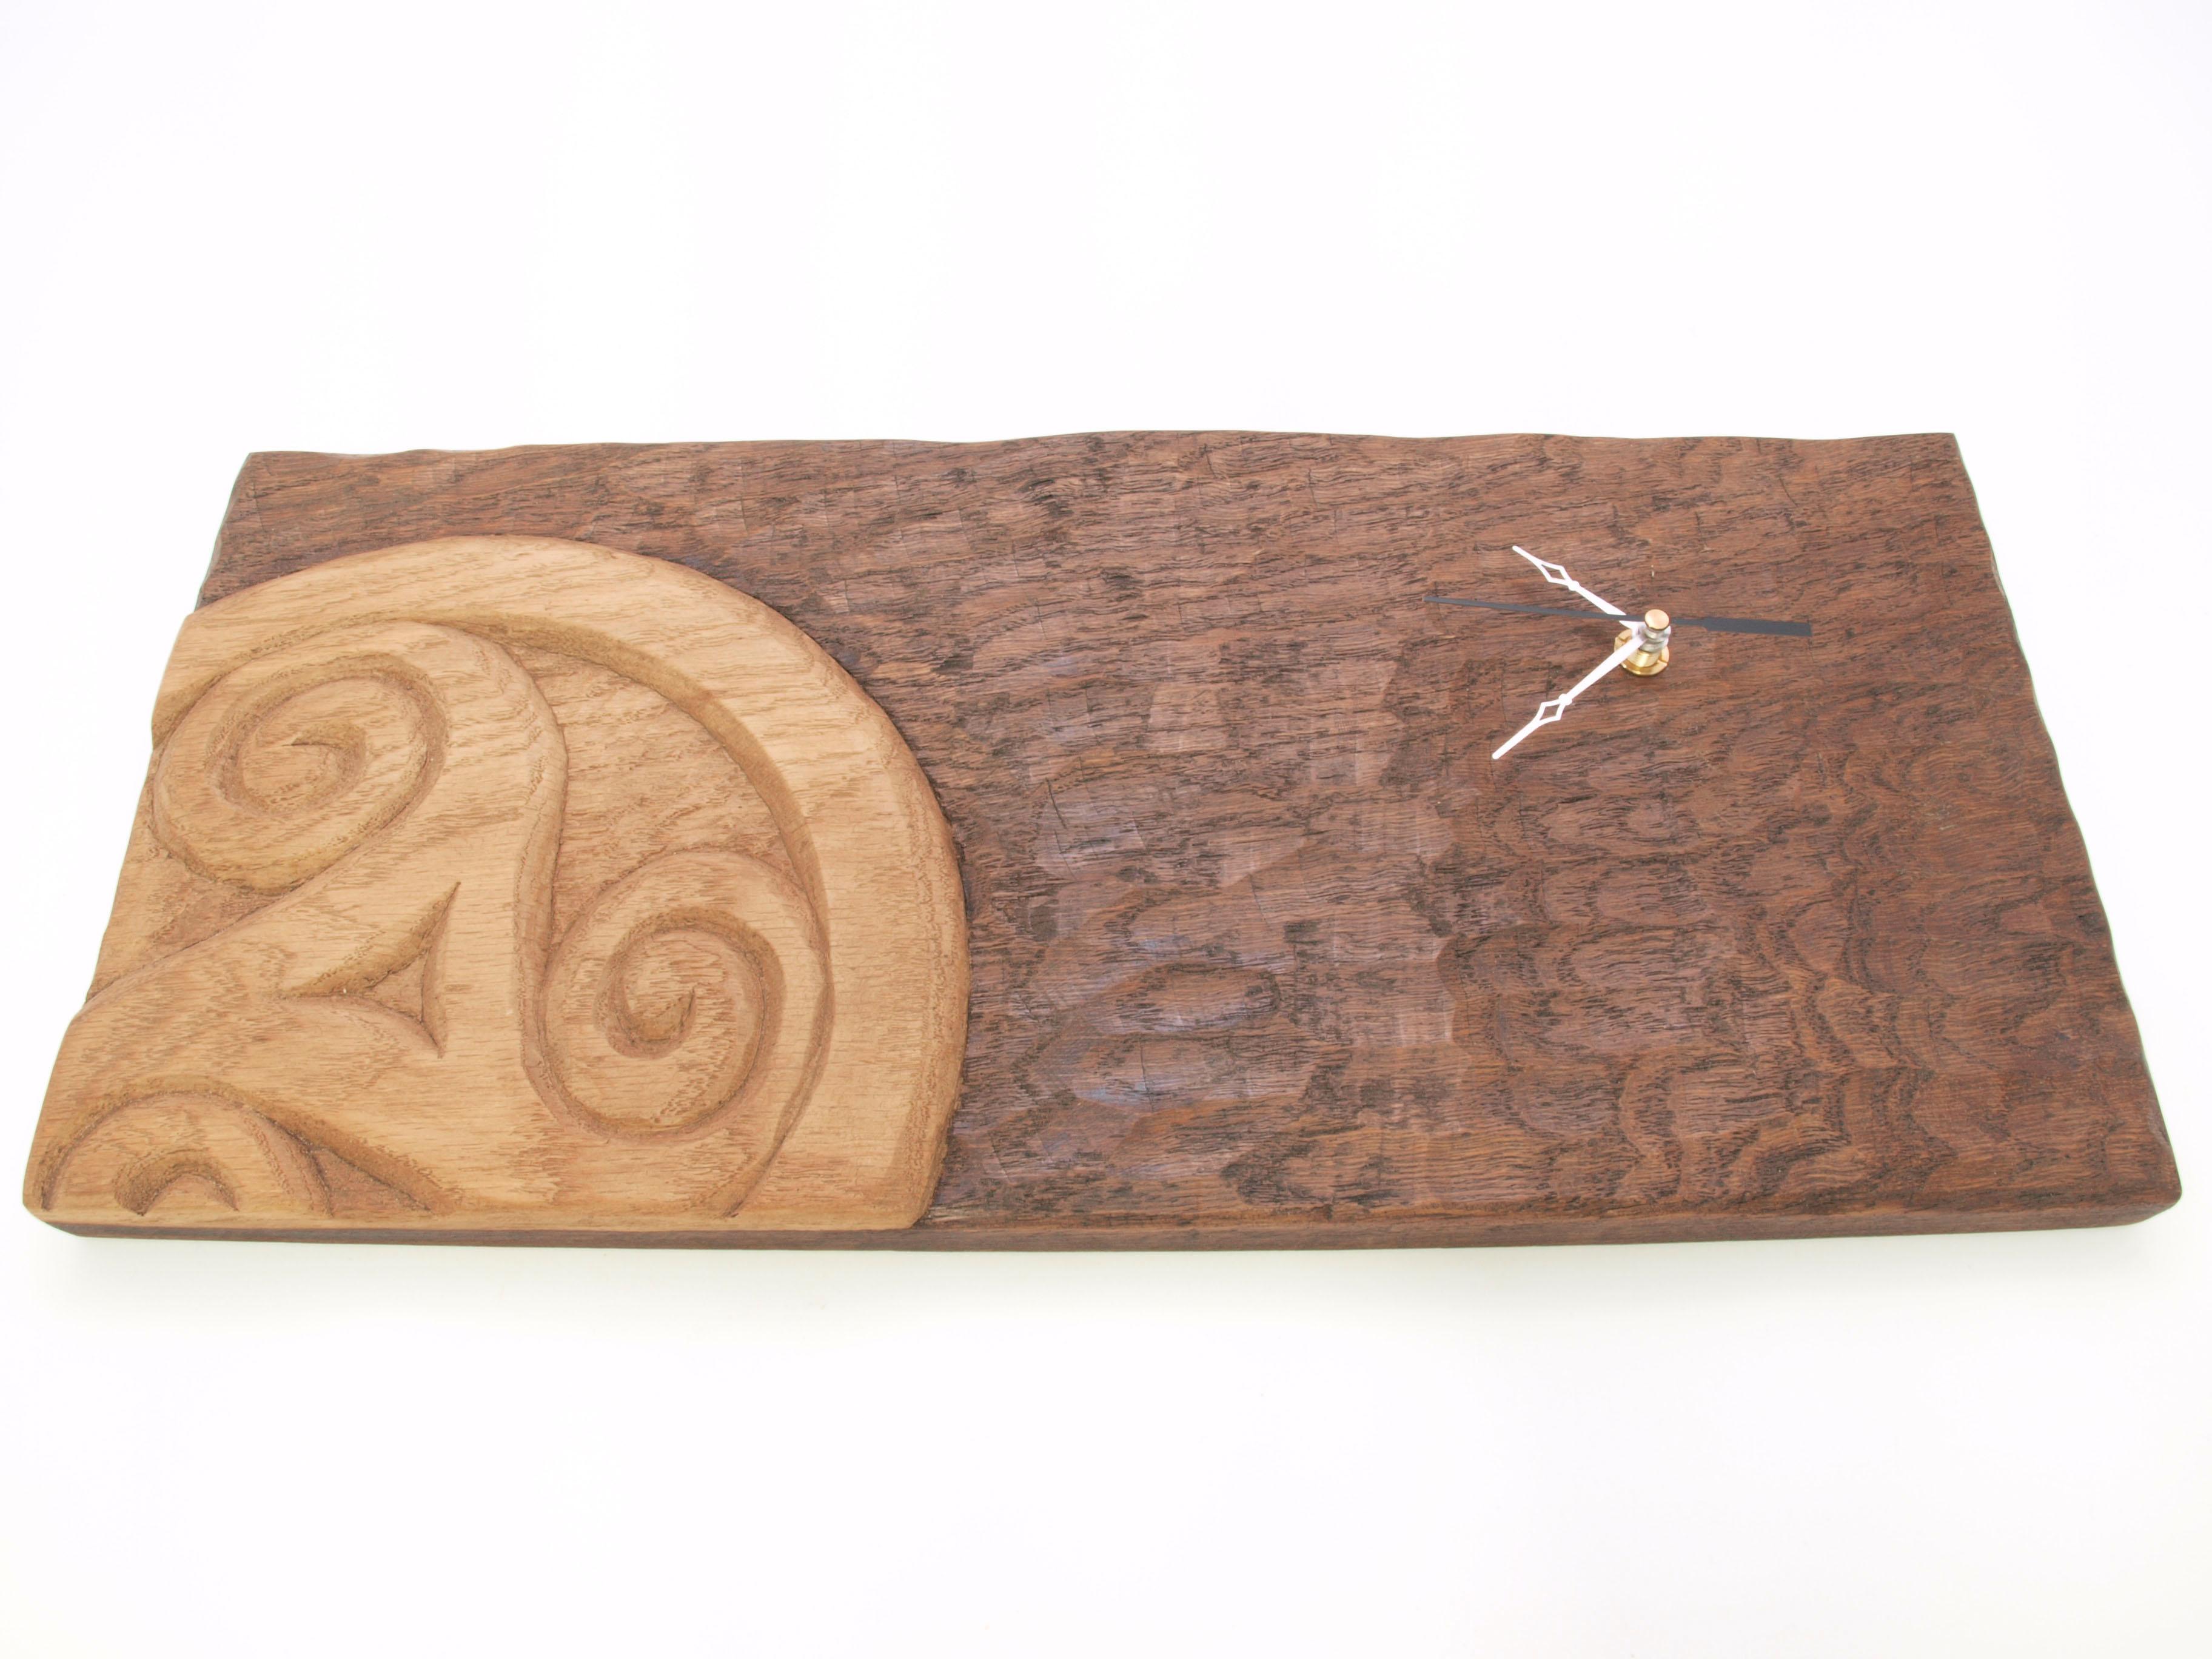 Reloj con triskel tallado en madera de roble en altorrelieve